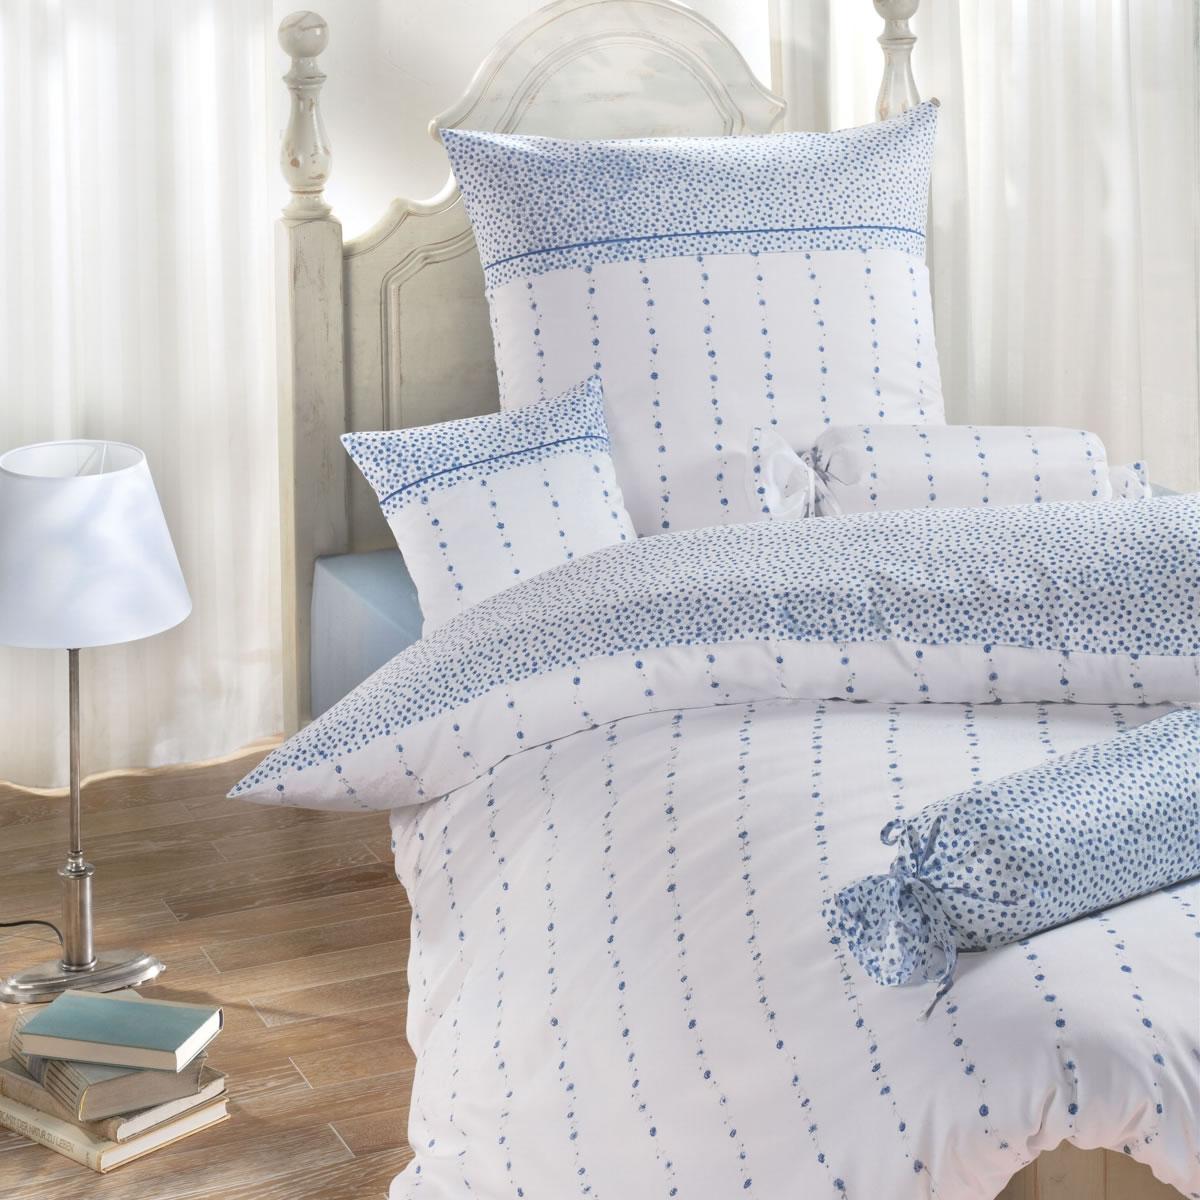 janine edel flanell bettw sche chinchilla romantico 7505 02 blau rosen. Black Bedroom Furniture Sets. Home Design Ideas